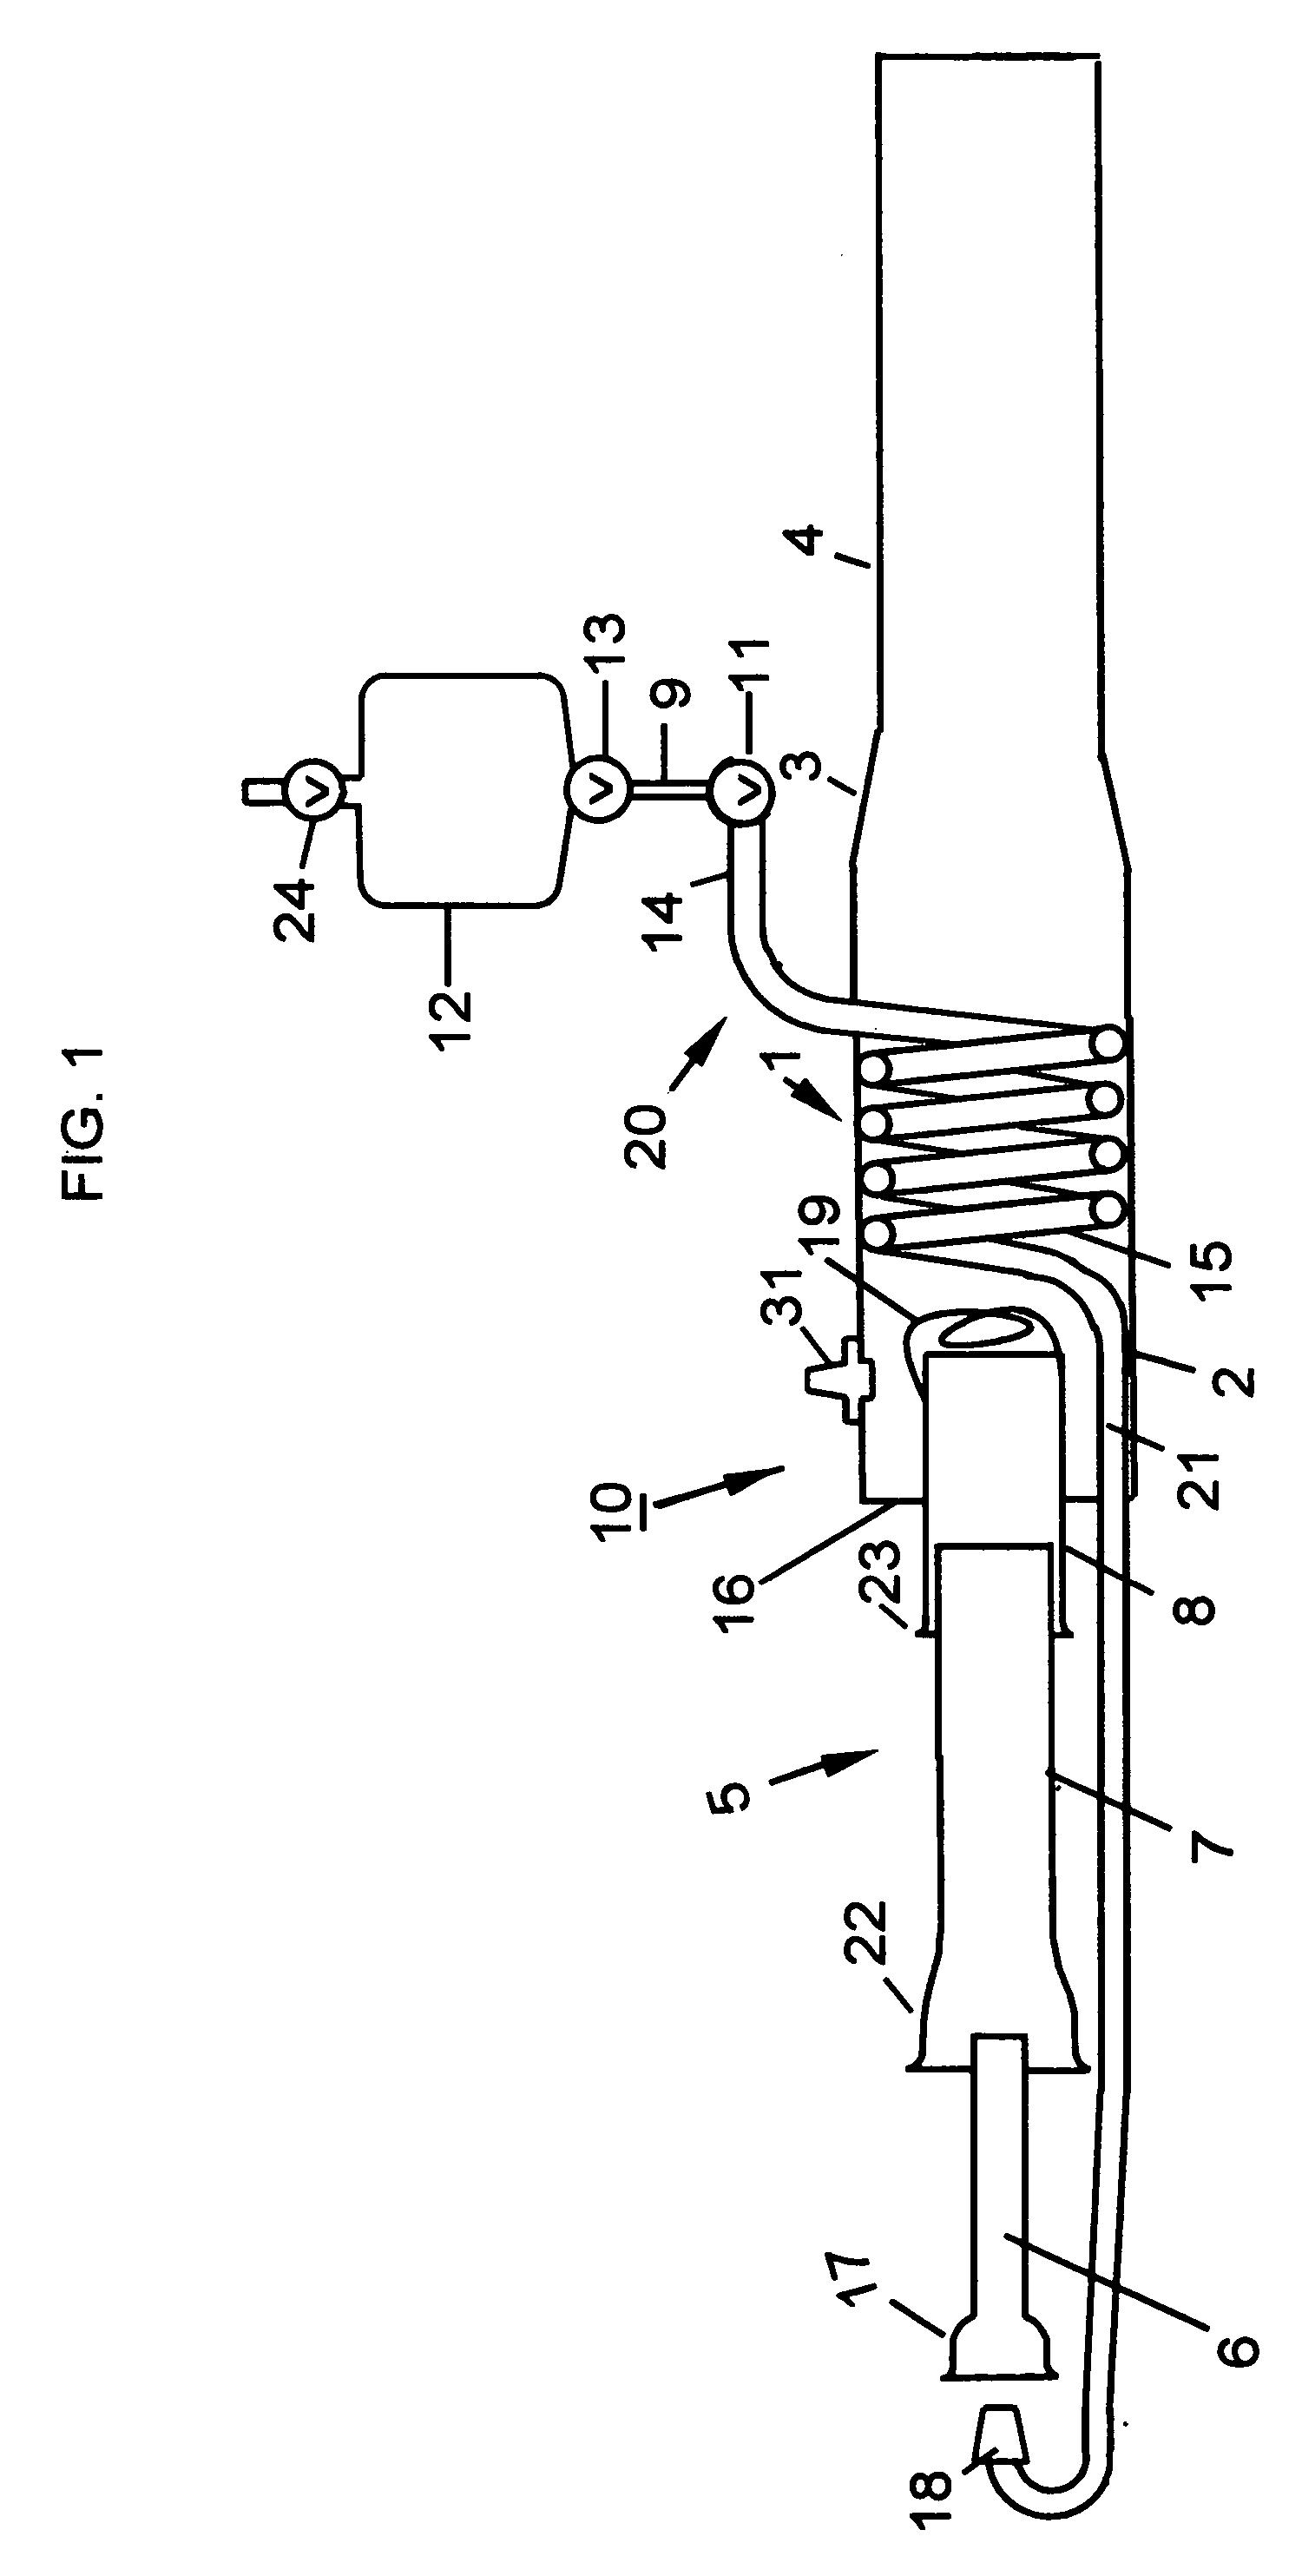 patent us20060174606